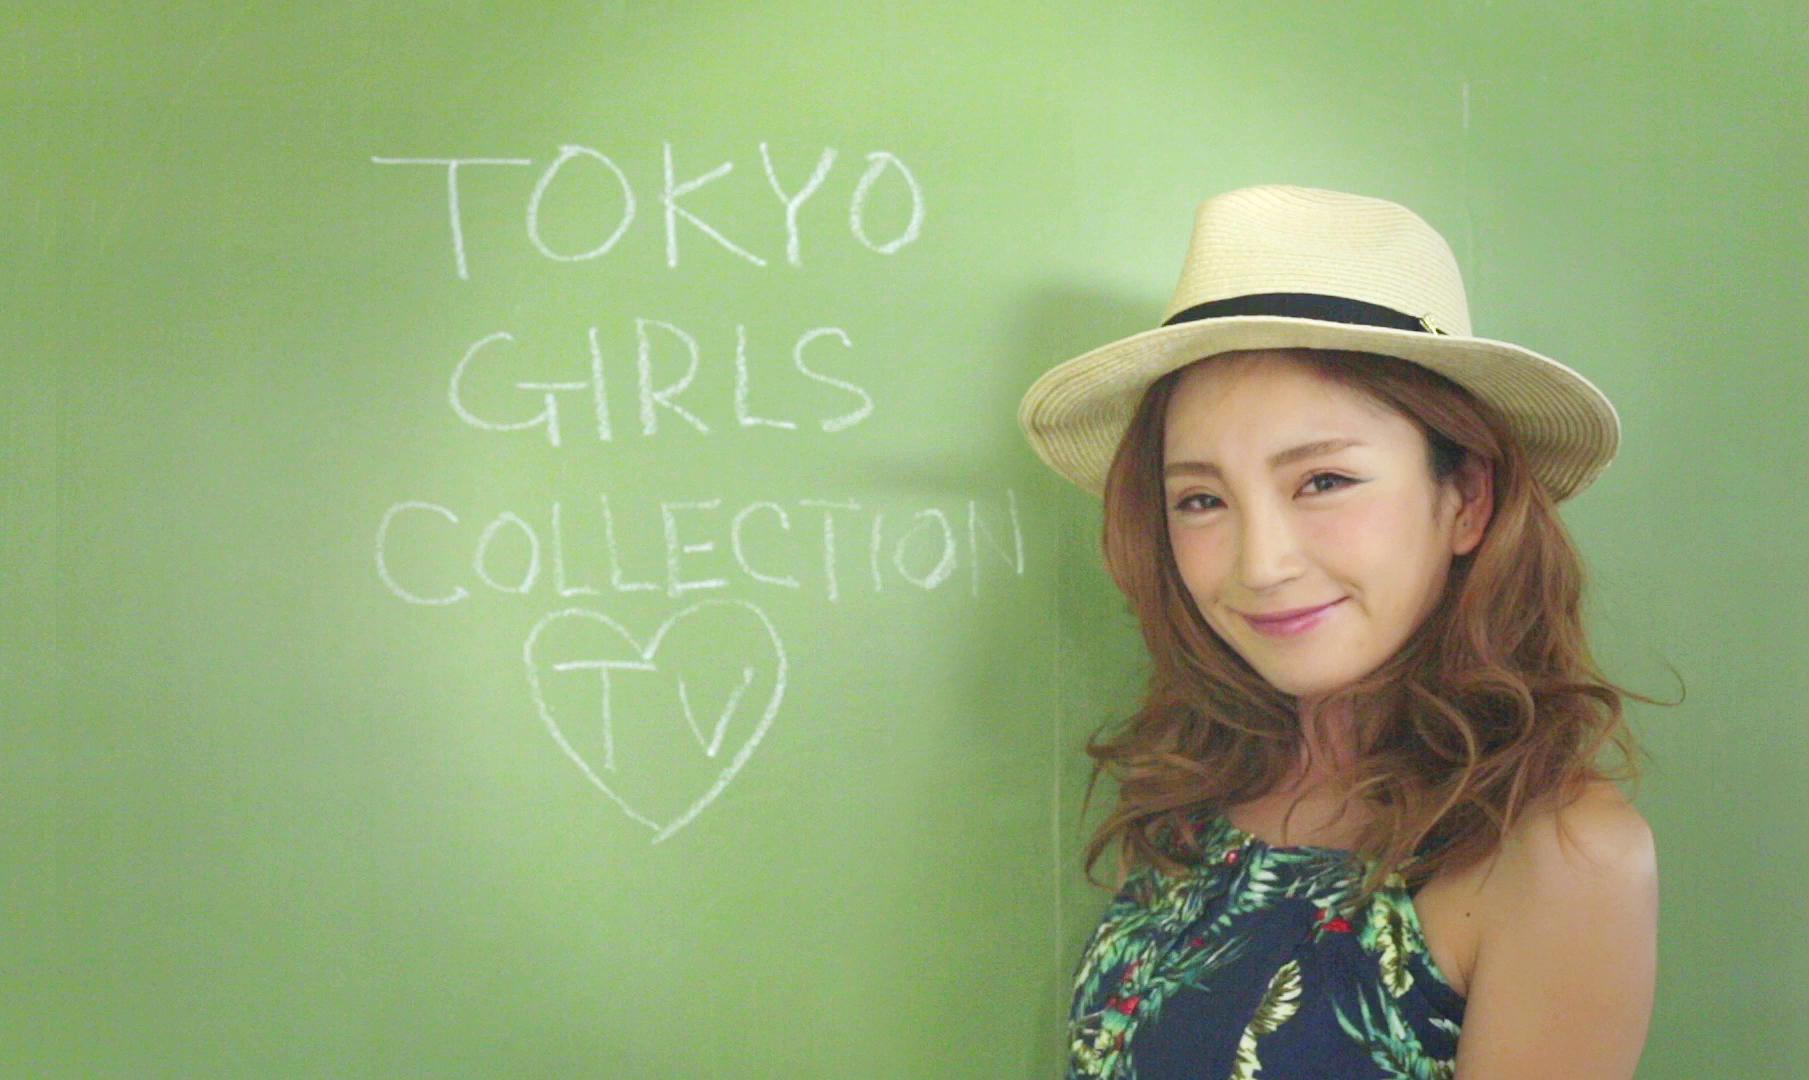 【番組】TOKYO GIRLS COLLECTION TV(2015/10mm)